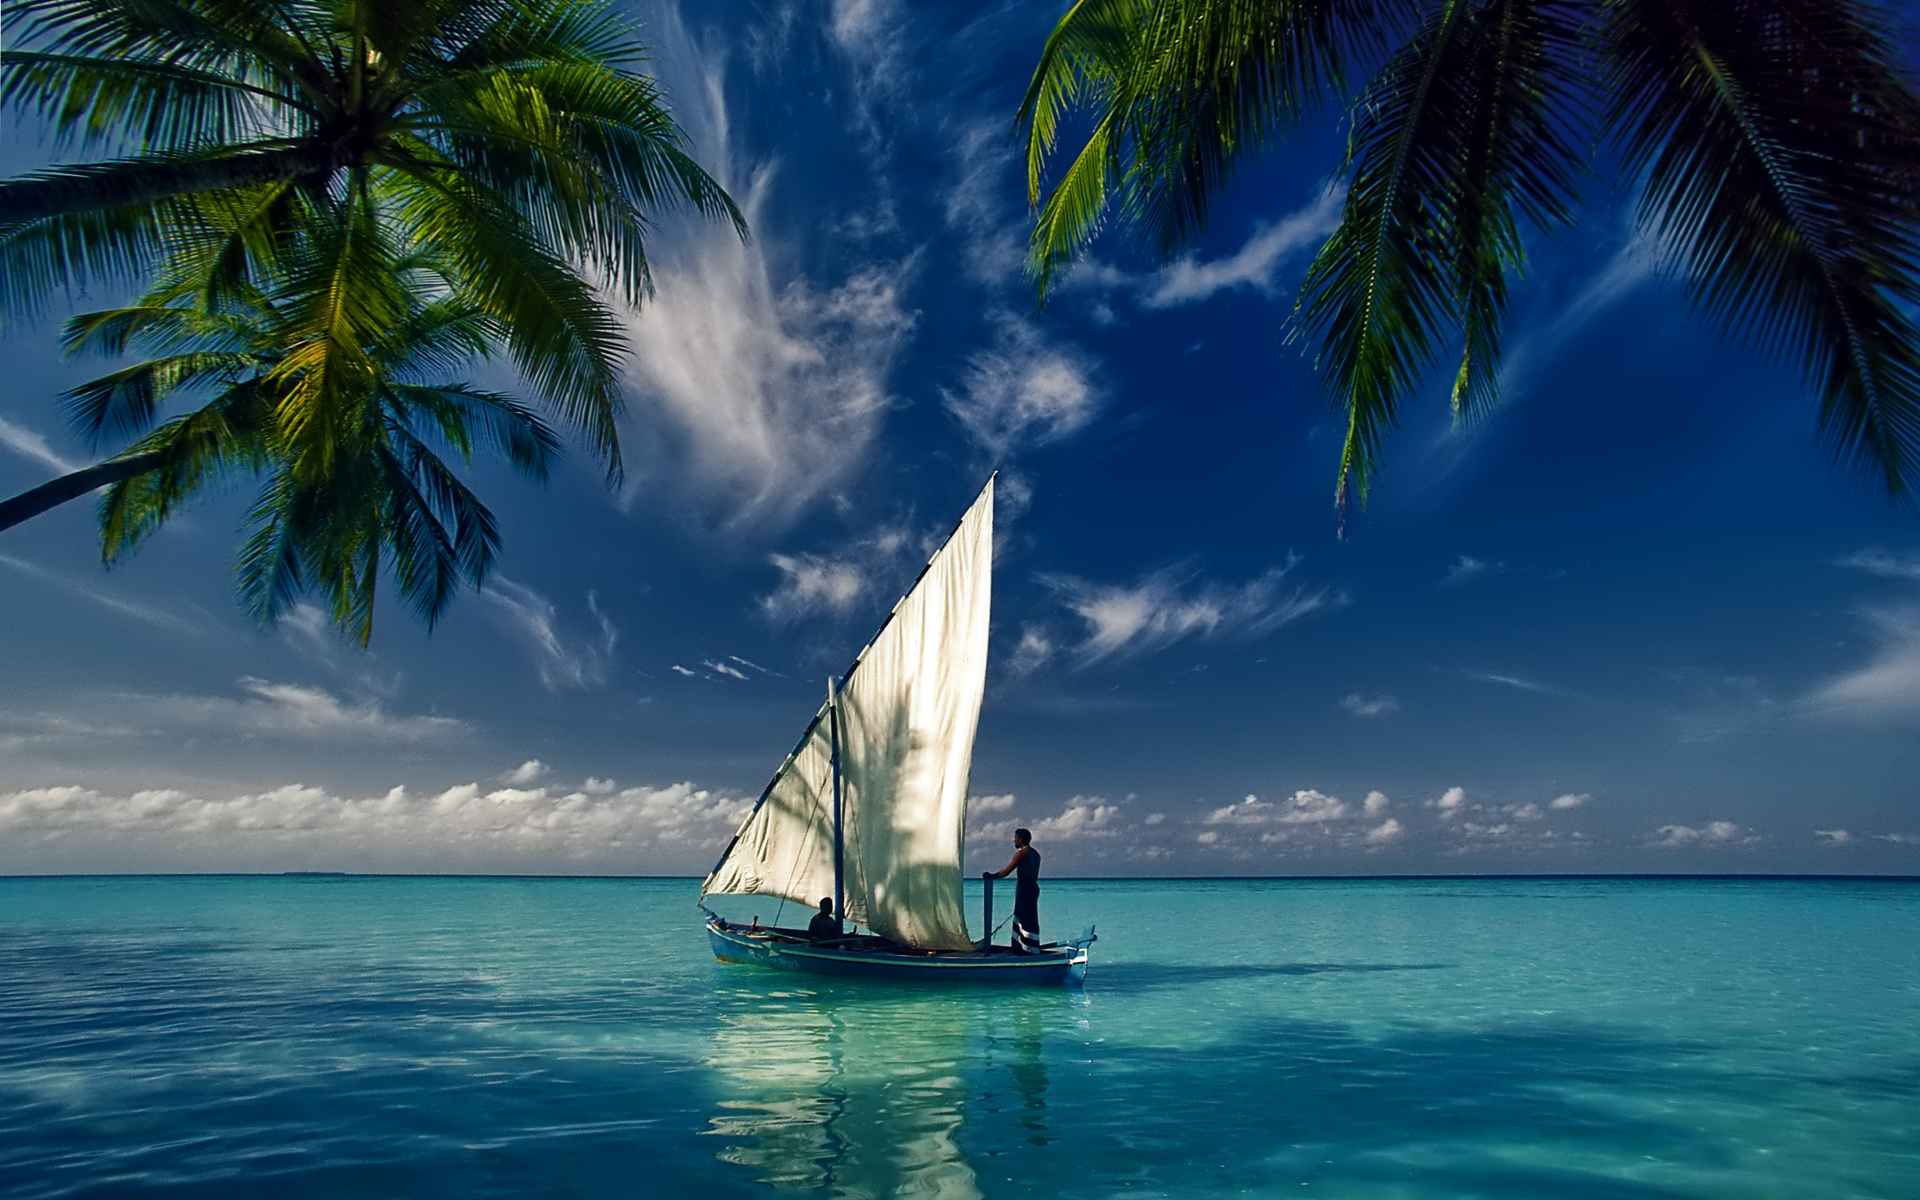 Hd sailboat wallpaper wallpapersafari for Screensaver inter gratis